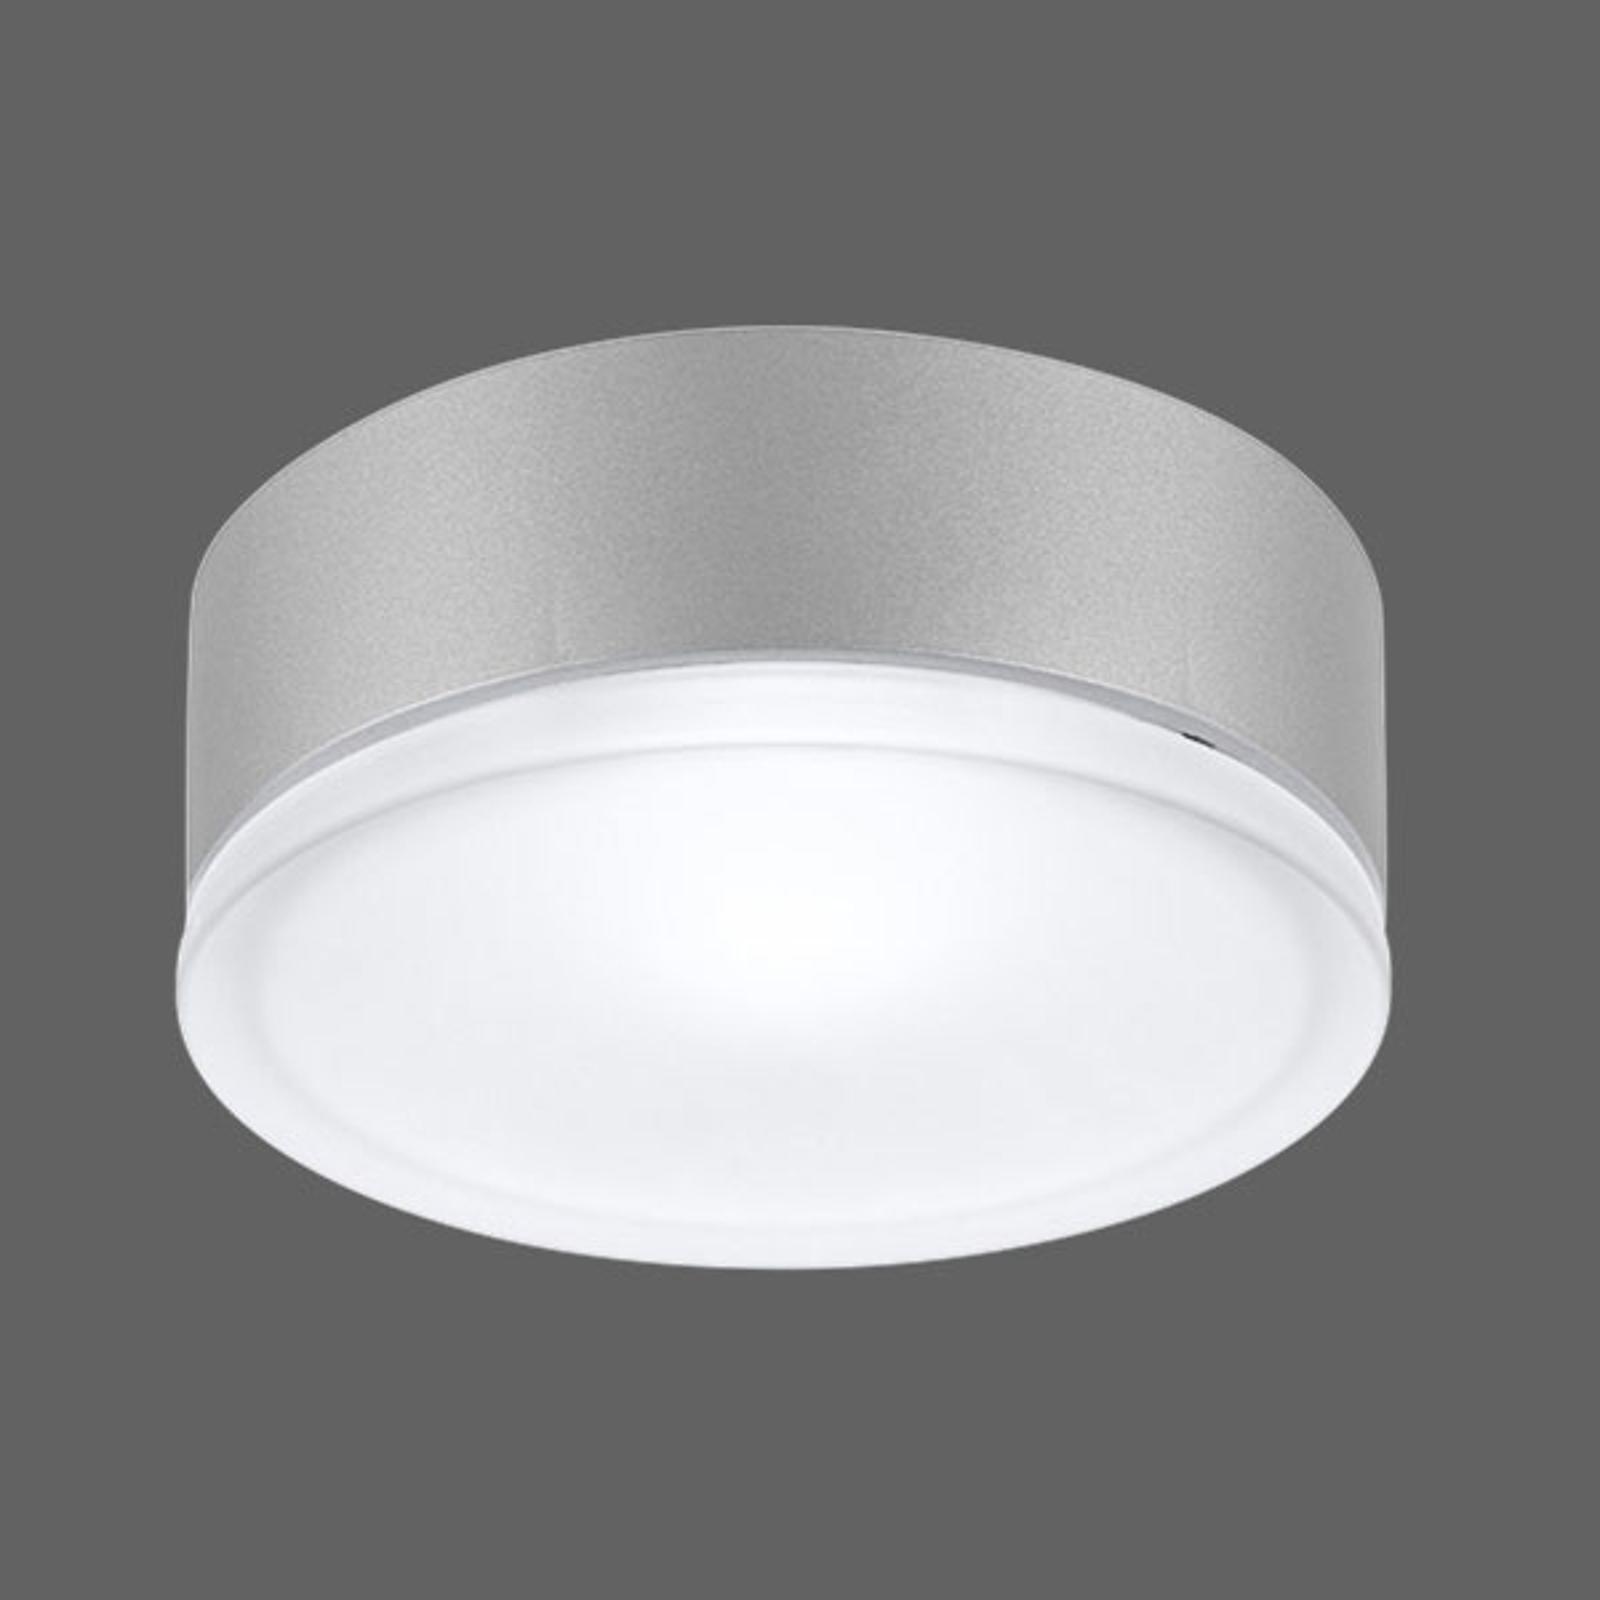 Drop 28 LED -ulkokattovalaisin harmaa, 4 000 K